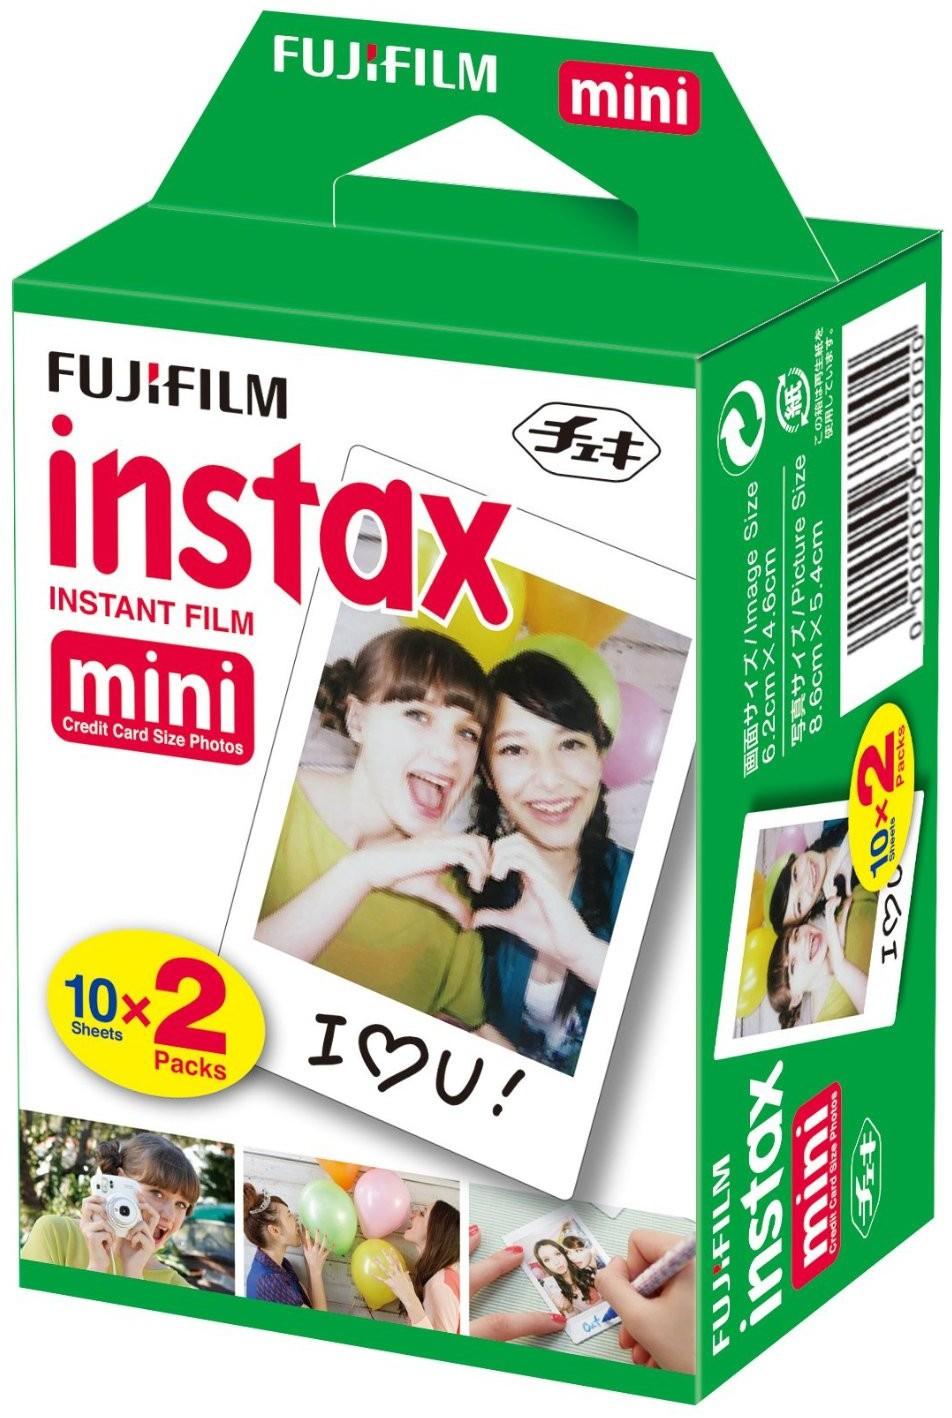 FujiFilm Instax Mini 10x2